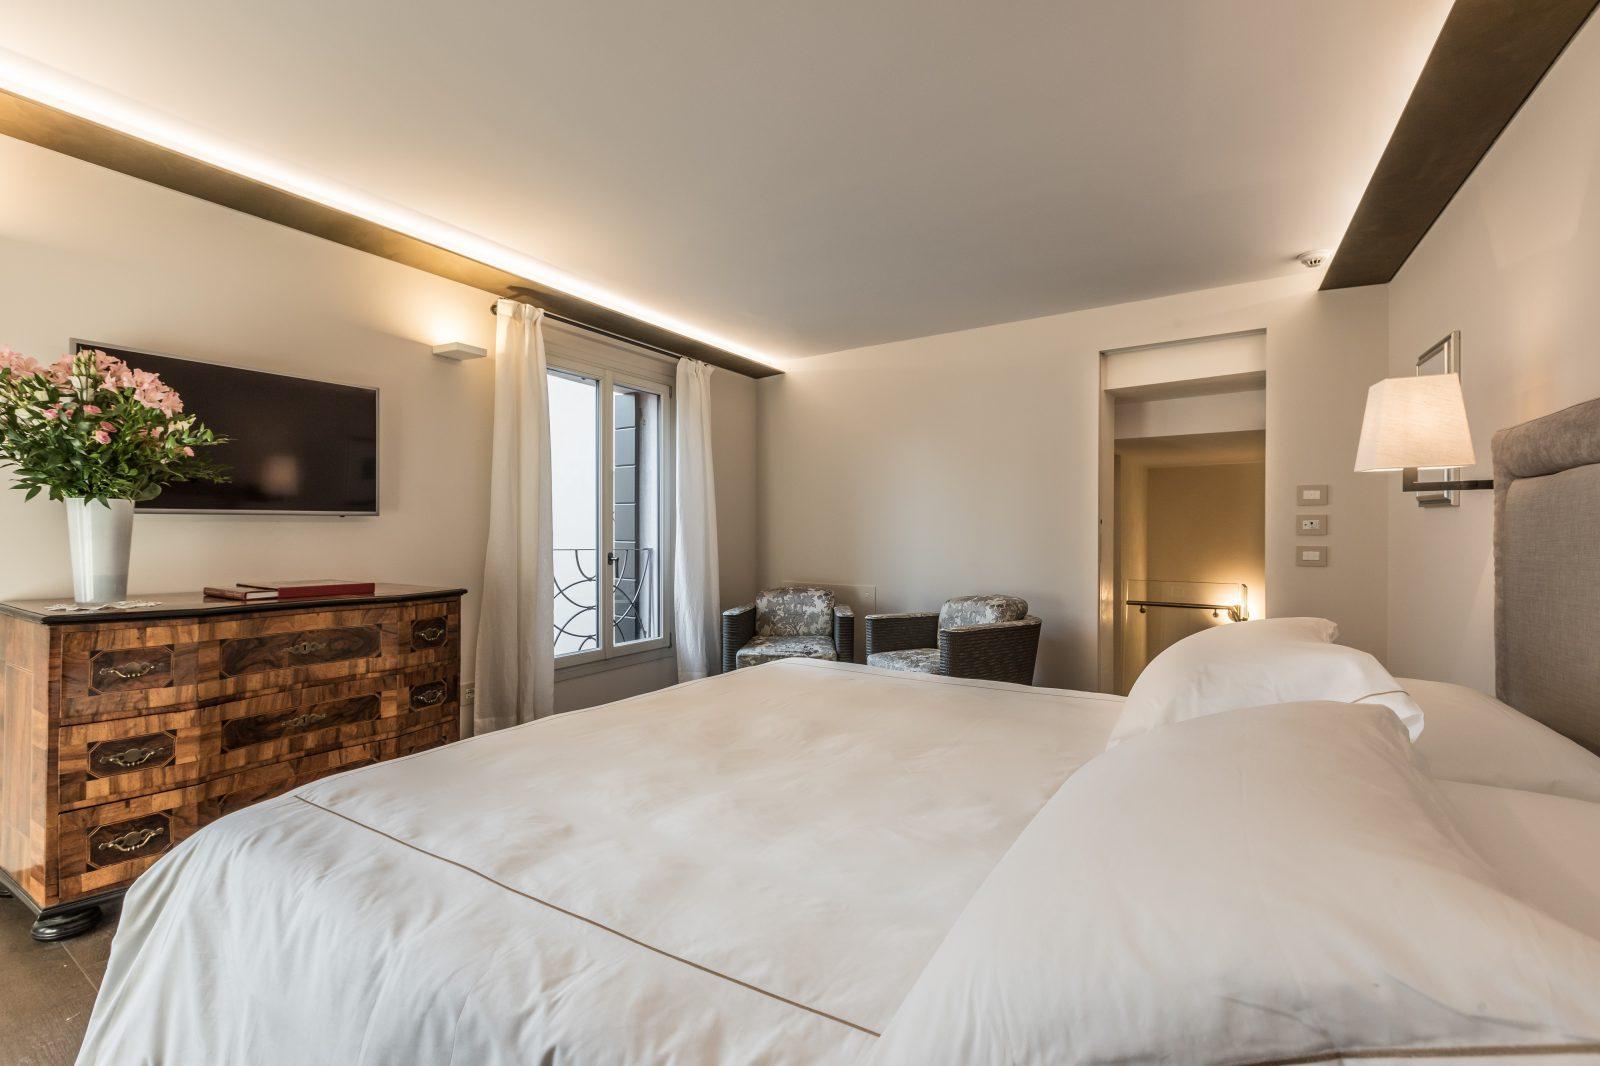 camera-letto-matrimoniale-appartamento-rafano-design-arredamento-tessuti-pregiati-venezia-palazzo-morosini